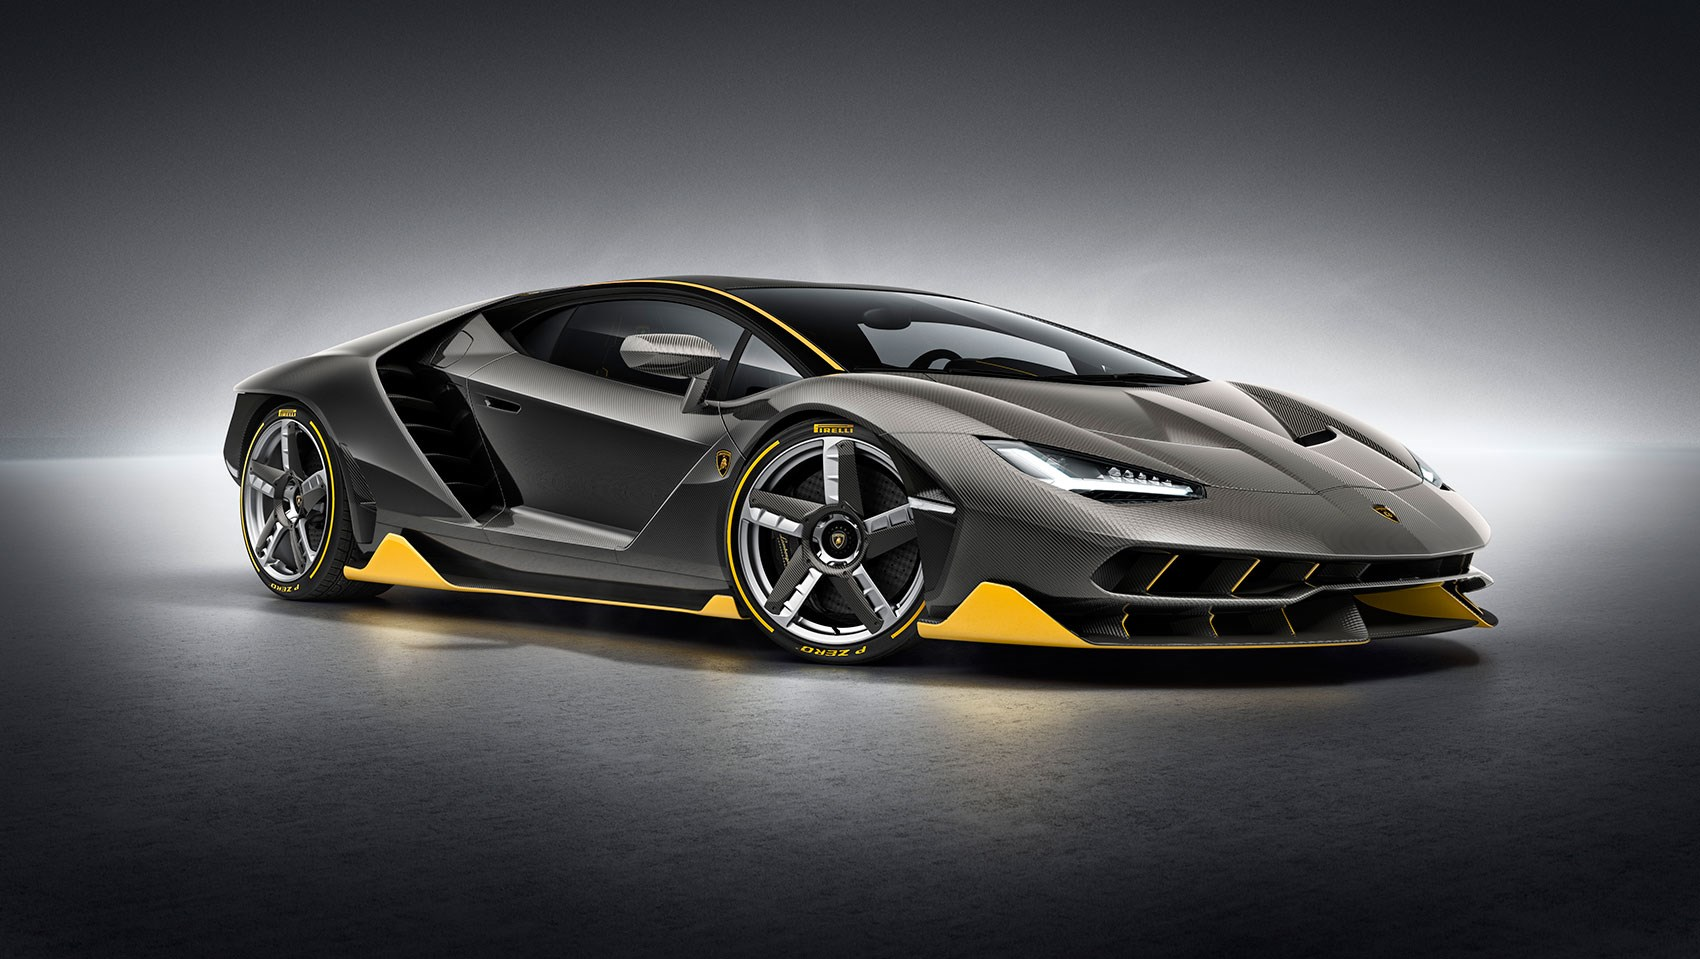 Lamborghini 2016 models